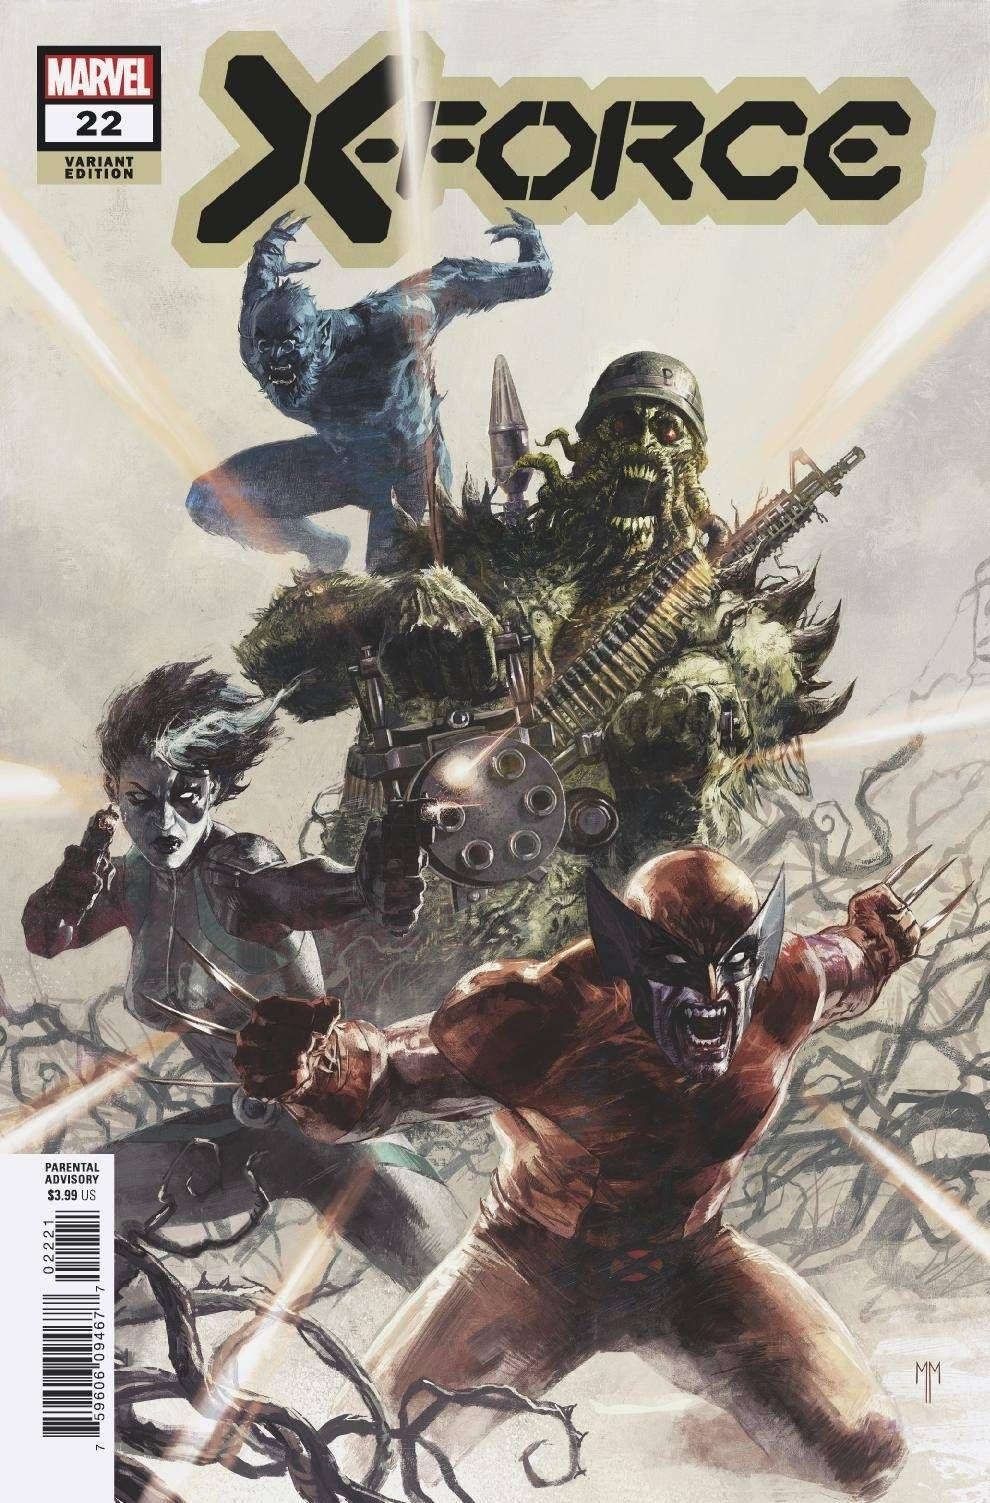 eyJidWNrZXQiOiJnb2NvbGxlY3QuaW1hZ2VzLnB1YiIsImtleSI6IjQ2MGI1NmIwLTc1NmItNDY5Ny04MjI1LWRlYmMzMDdjZjA5My5qcGciLCJlZGl0cyI6W119 ComicList: Marvel Comics New Releases for 08/11/2021